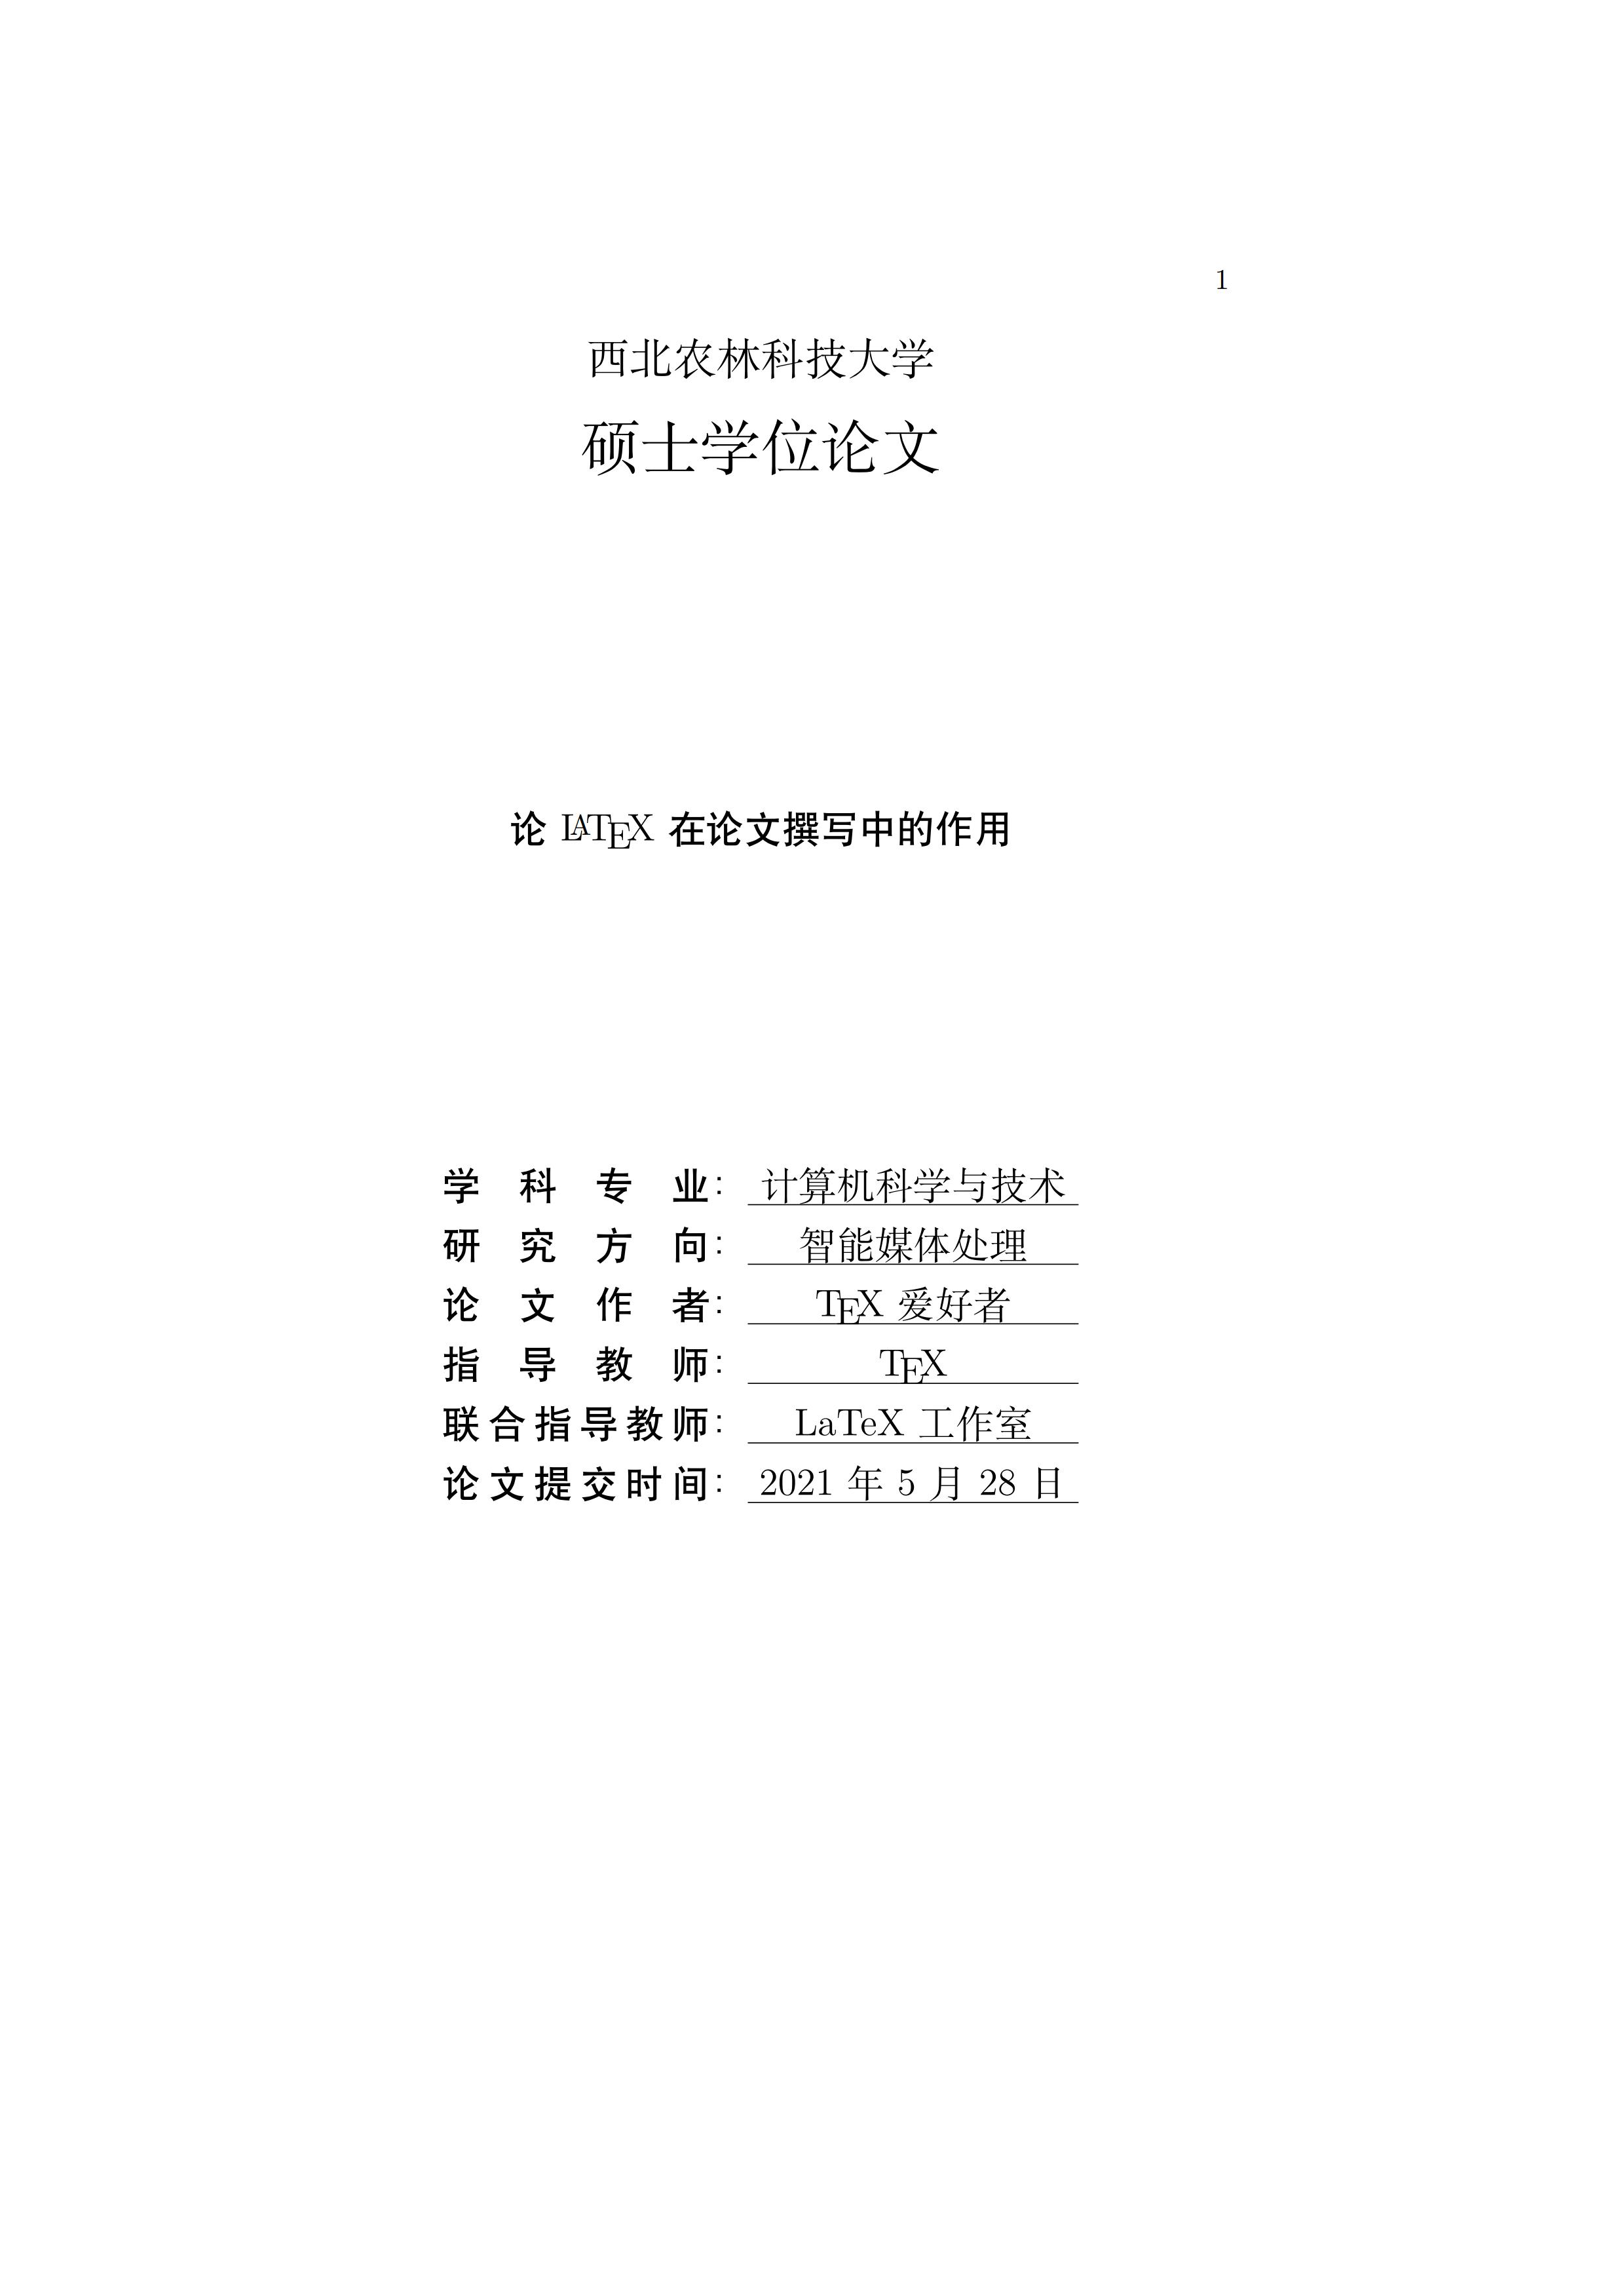 用LaTeX3排版分散和居中对齐文字